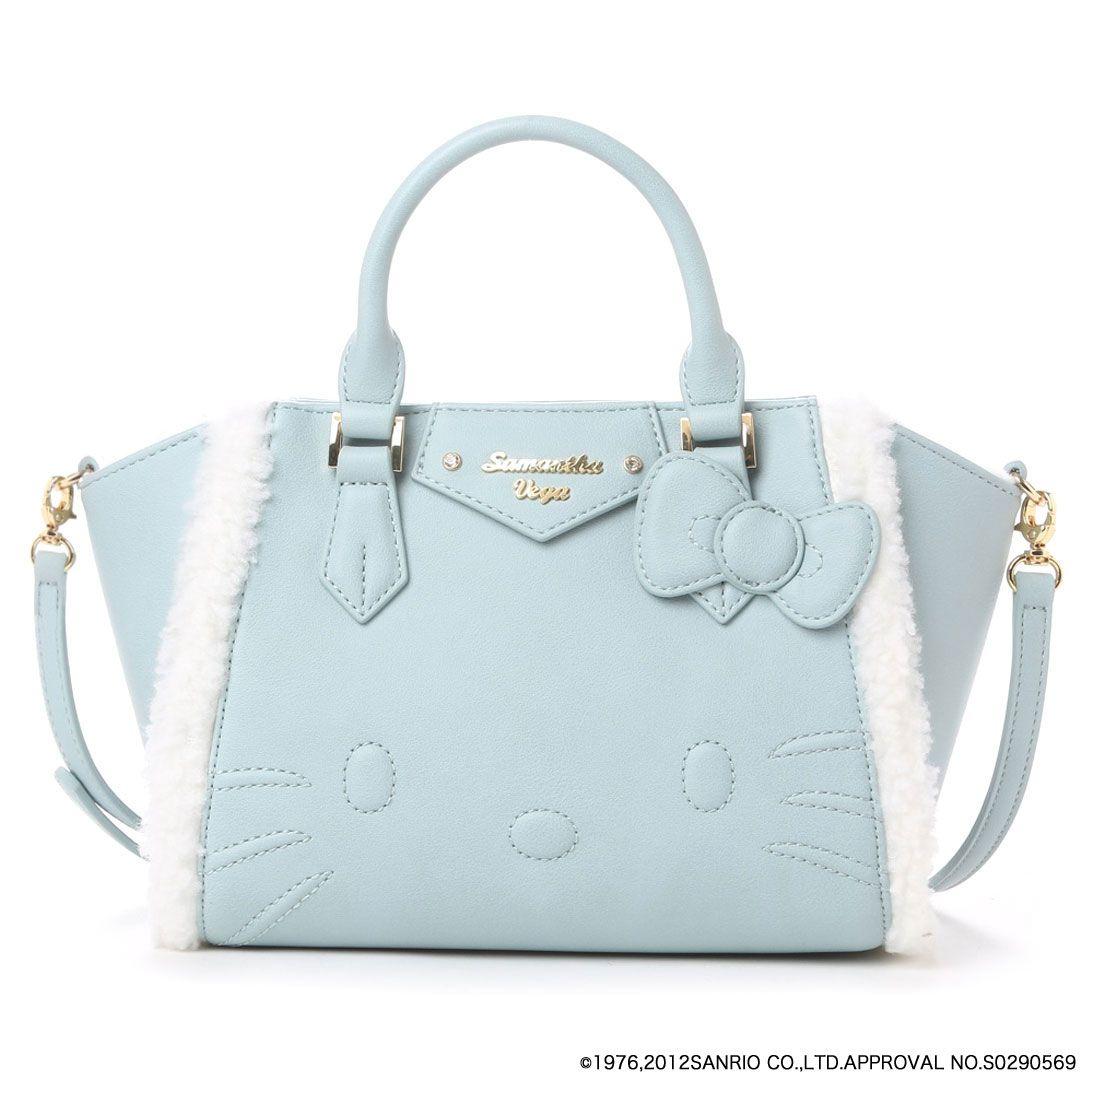 8d7b62f3e9 Samantha Thavasa   Hello Kitty handbag